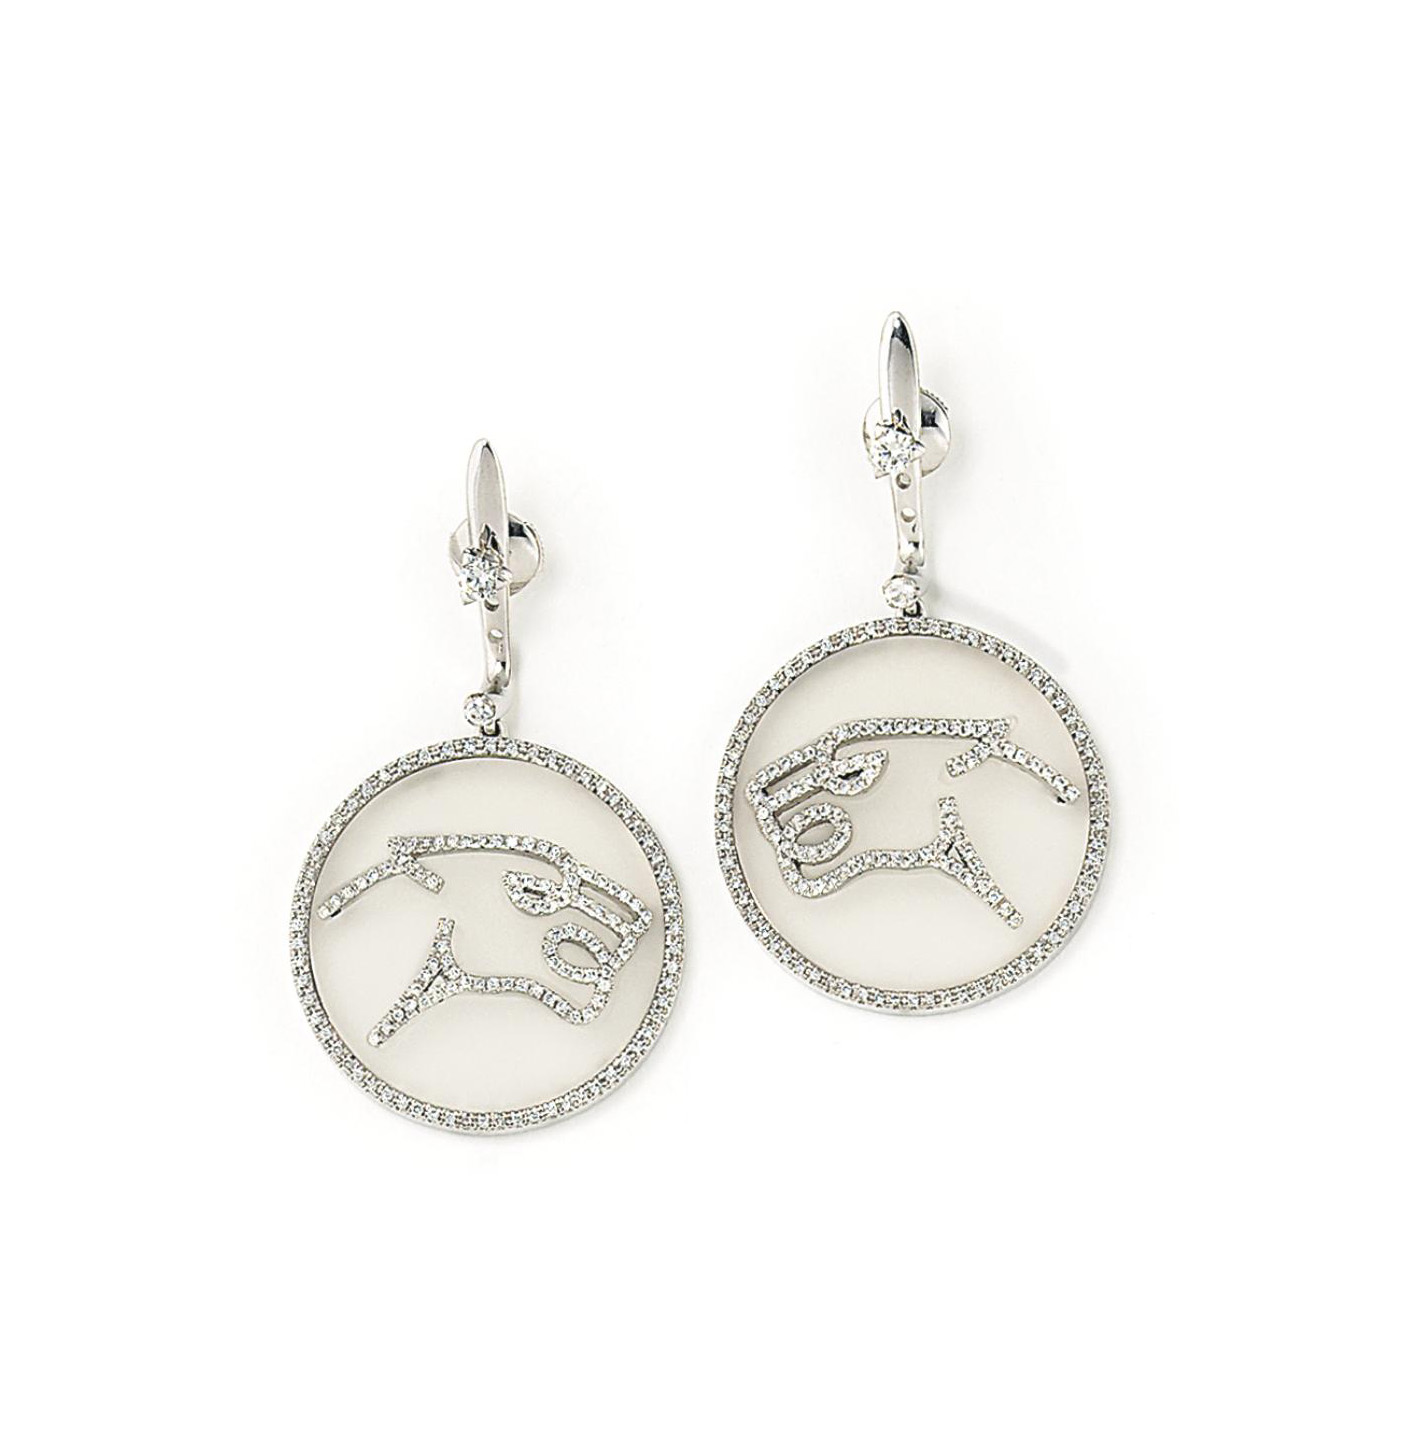 A PAIR OF ROCK CRYSTAL AND DIAMOND 'JAGUAR' EARRINGS, BY ENIGMA, AND A PAIR OF DIAMOND-SET EARRINGS